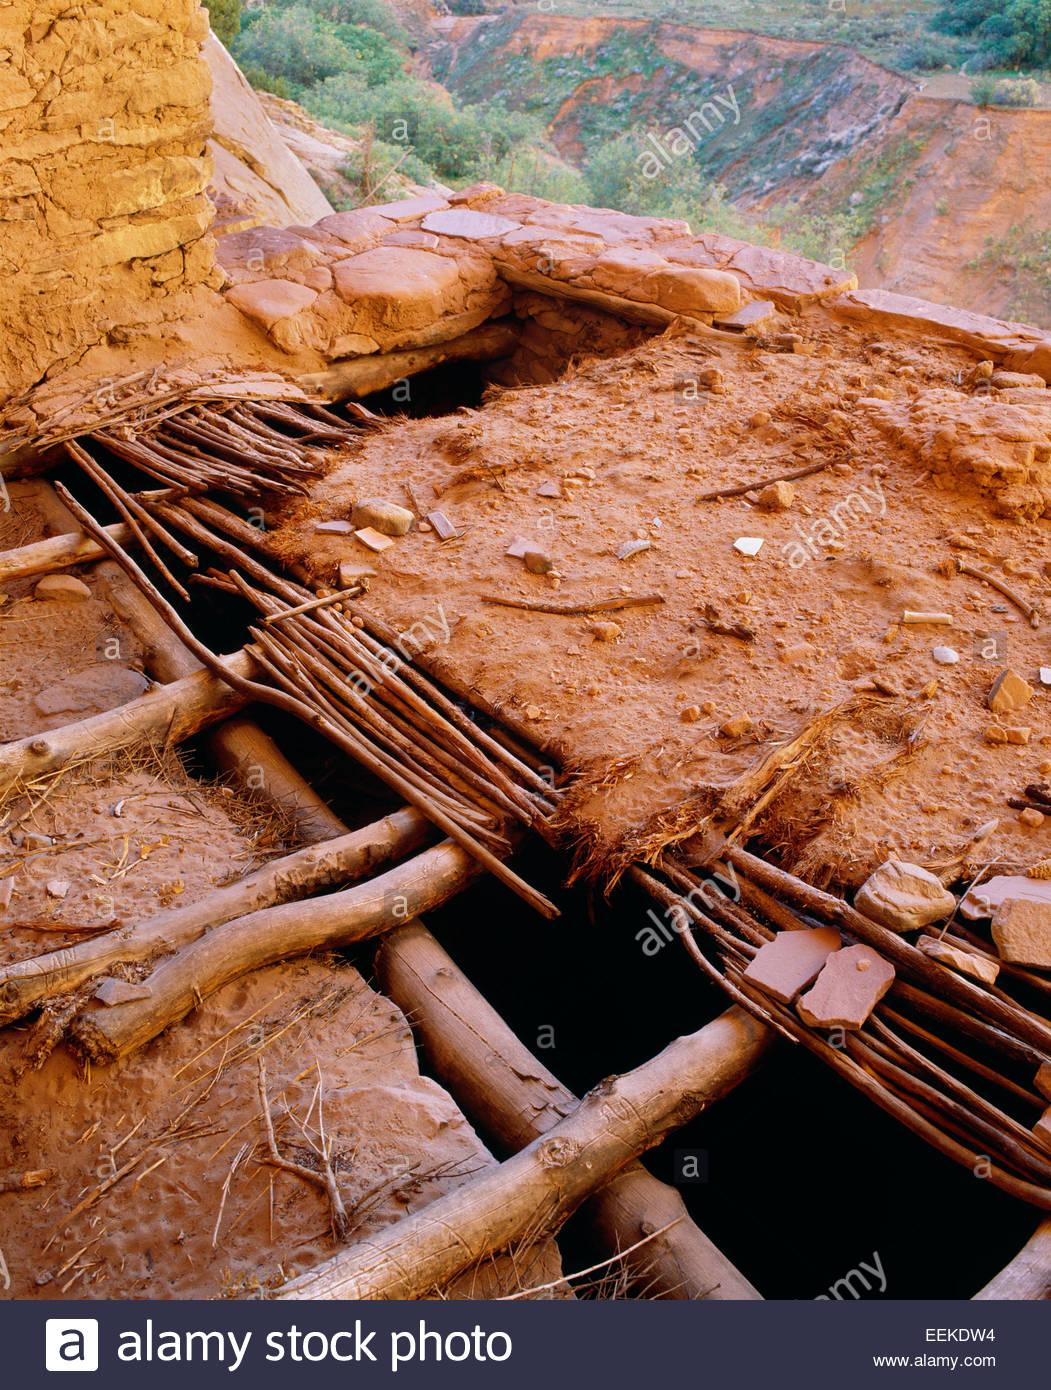 Détail du toit d'origine de la boue et des saules, ancienne habitation Anasazi. Navajo National Monument, Photo Stock